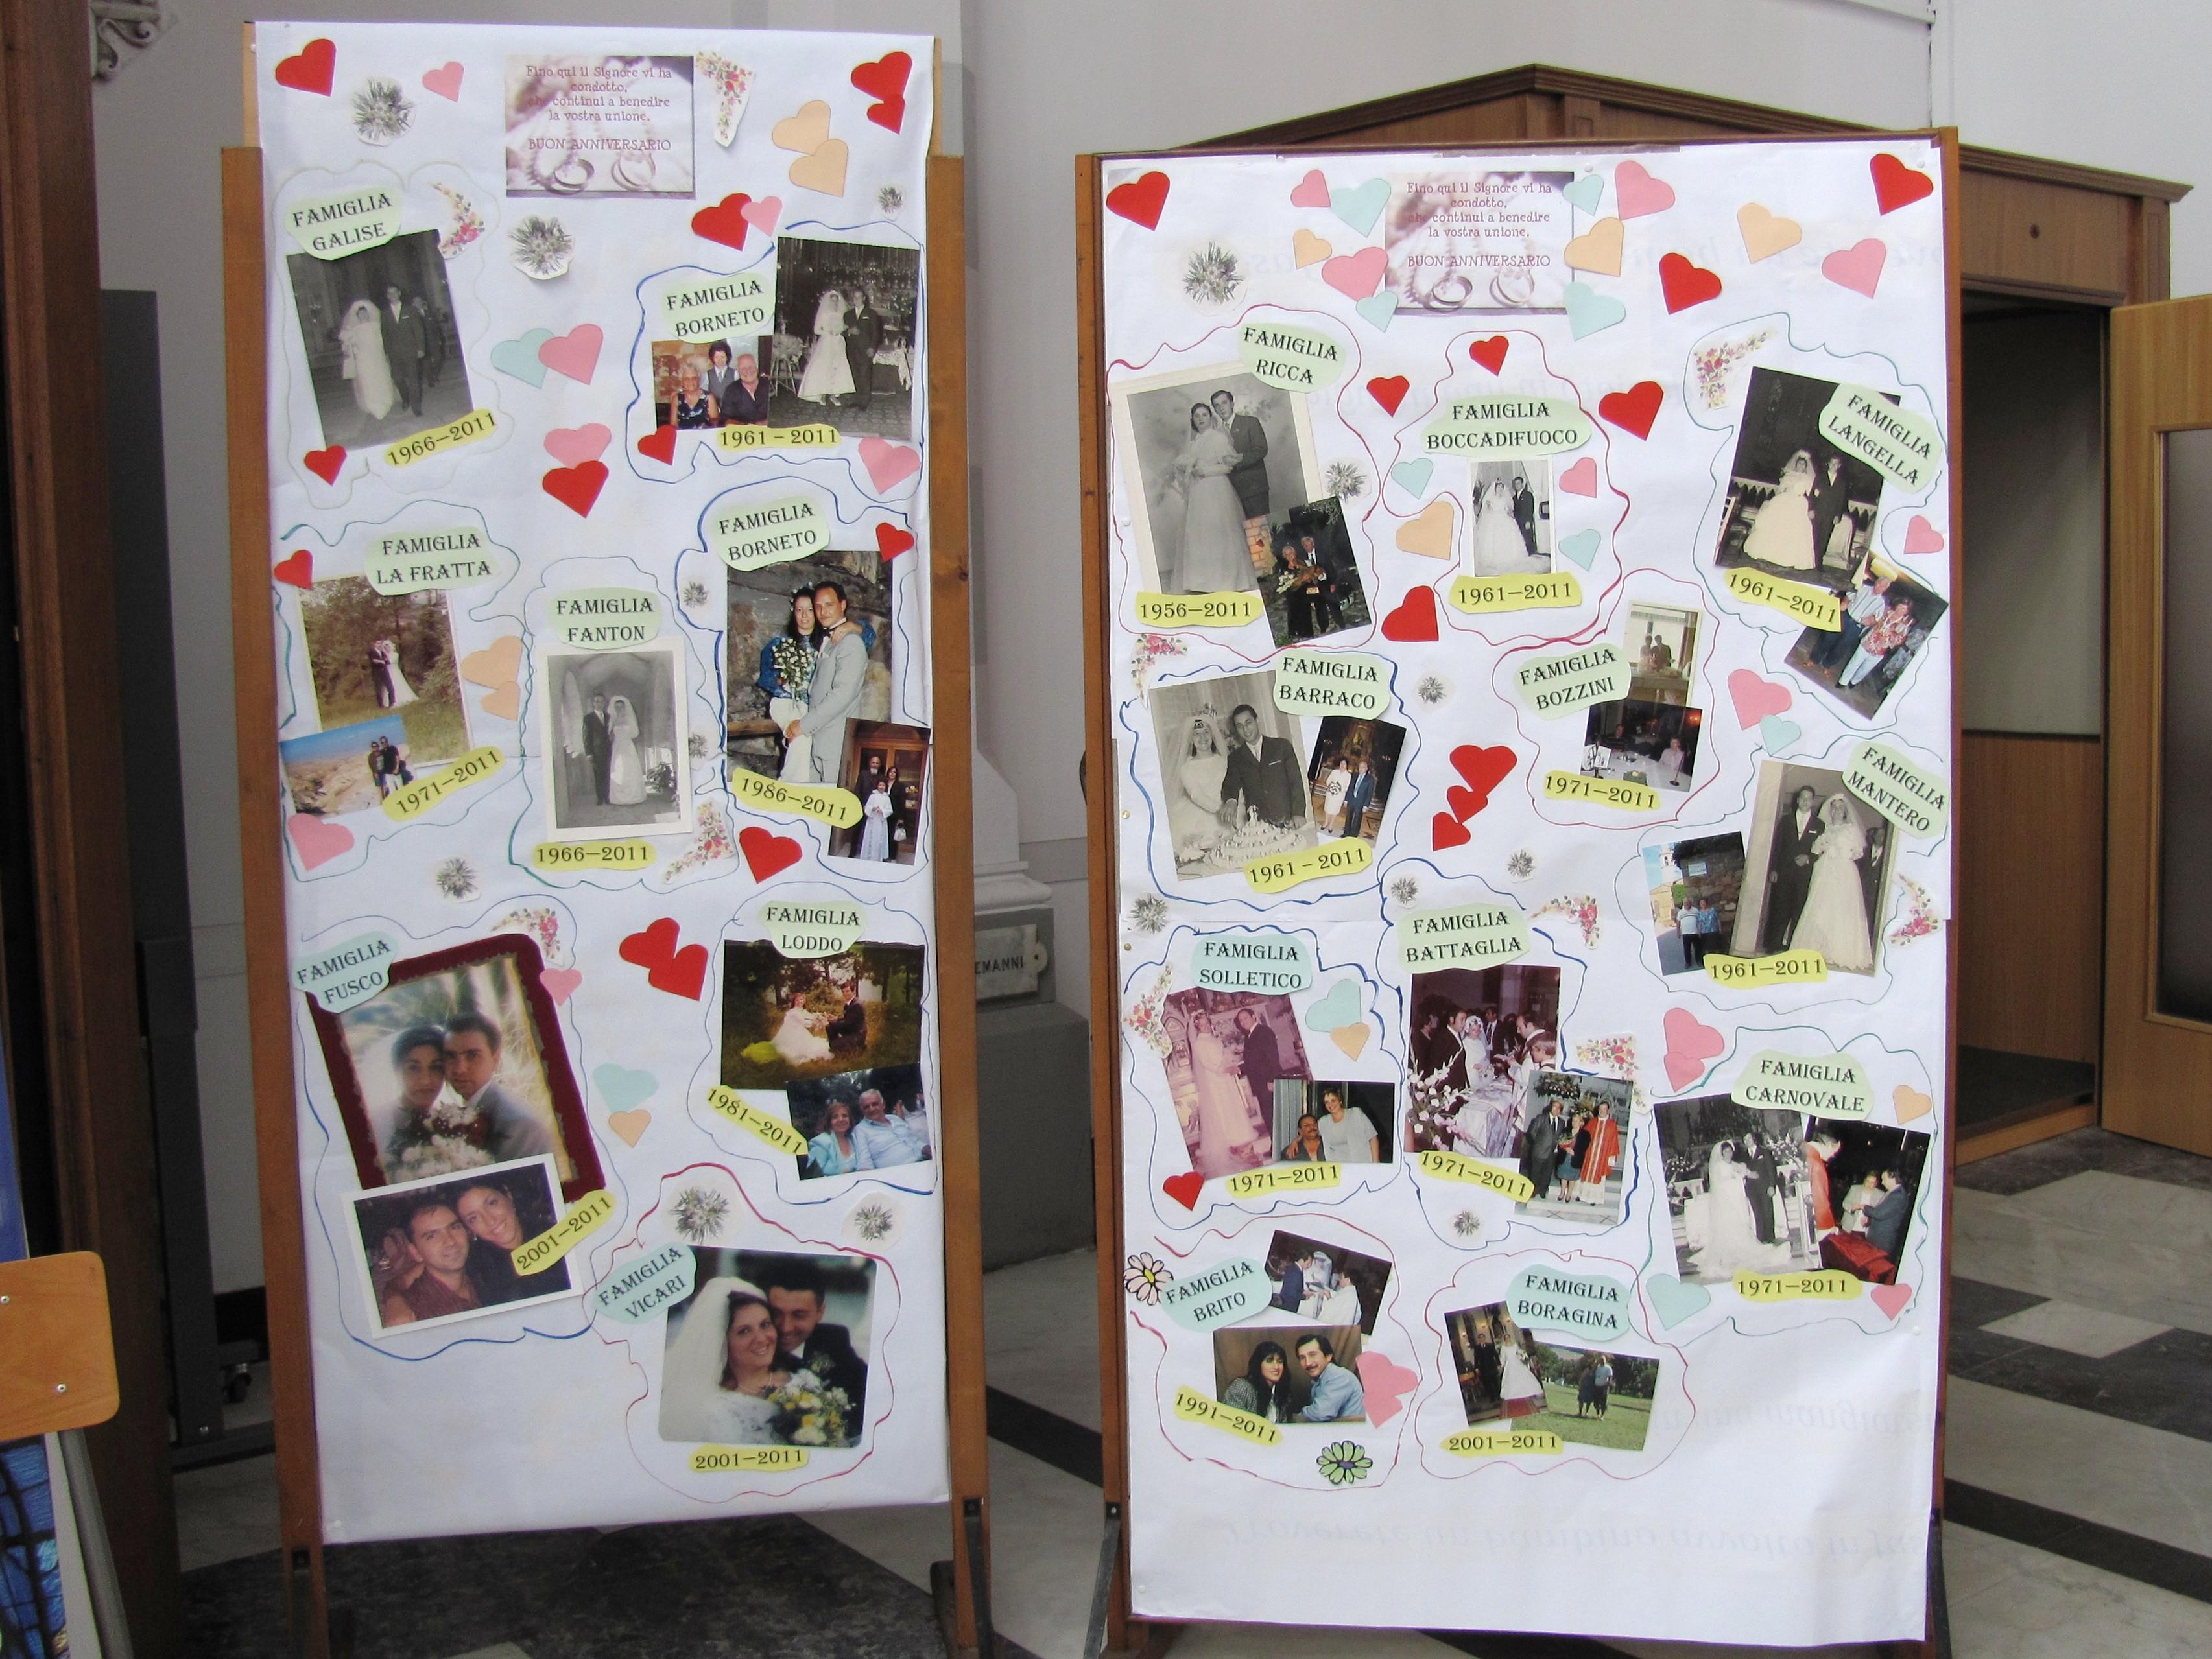 anniversari_matrimonio-2011-06-06-18-41-07